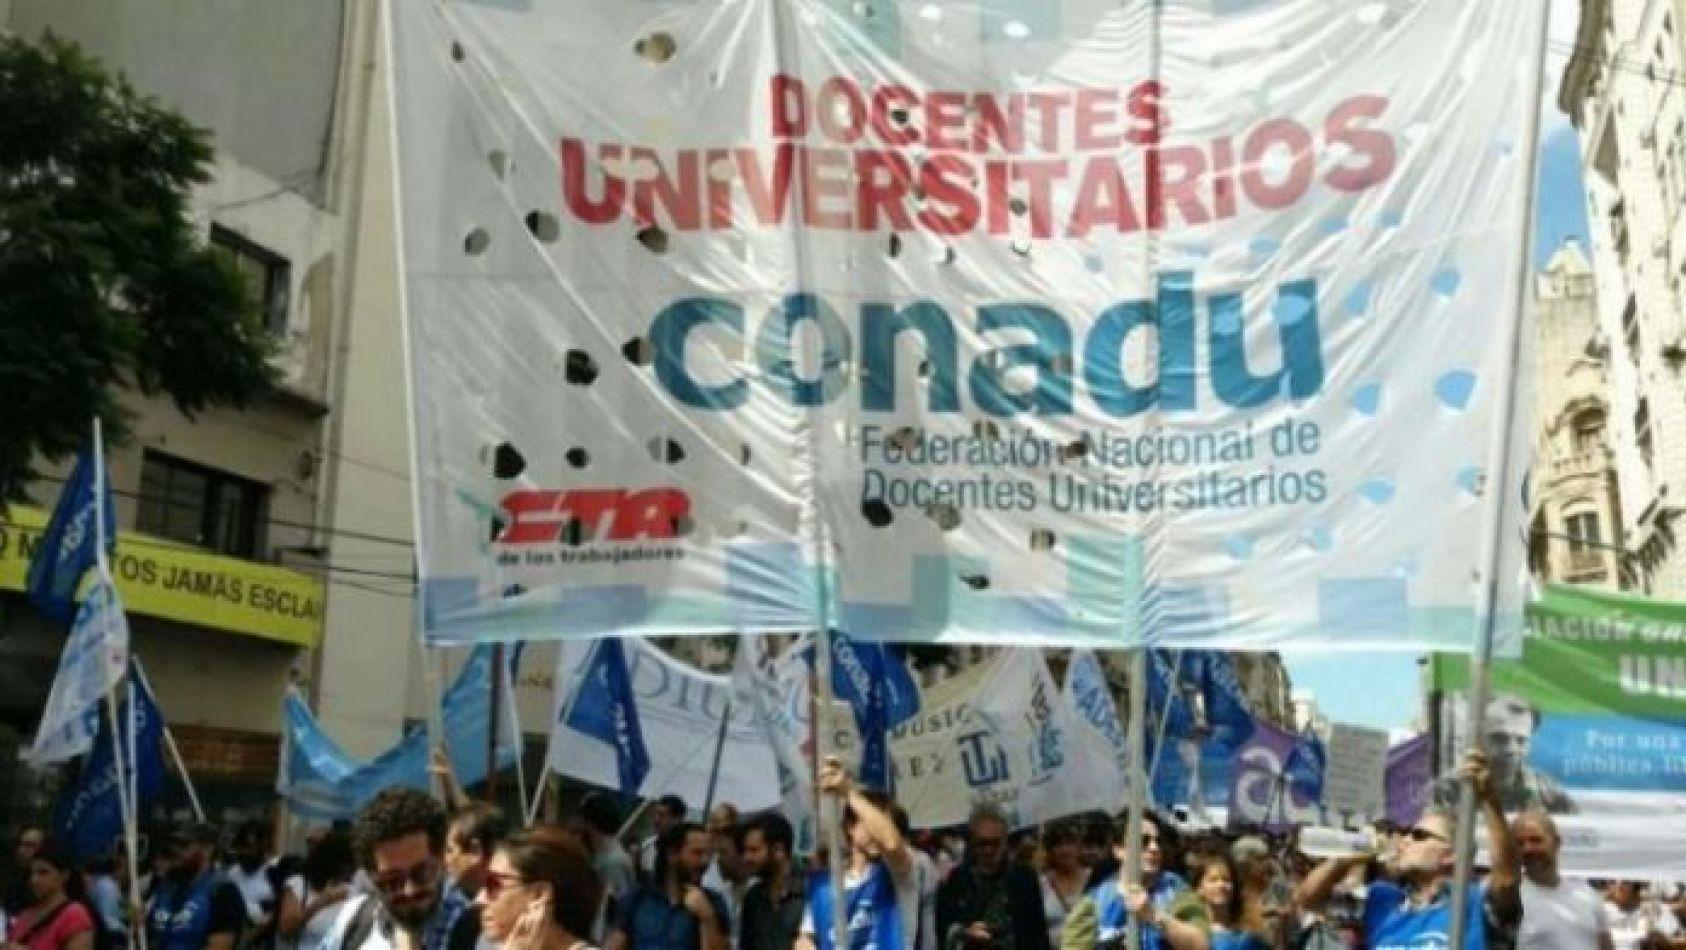 Universitarios paran y marchan el jueves por reclamos gremiales